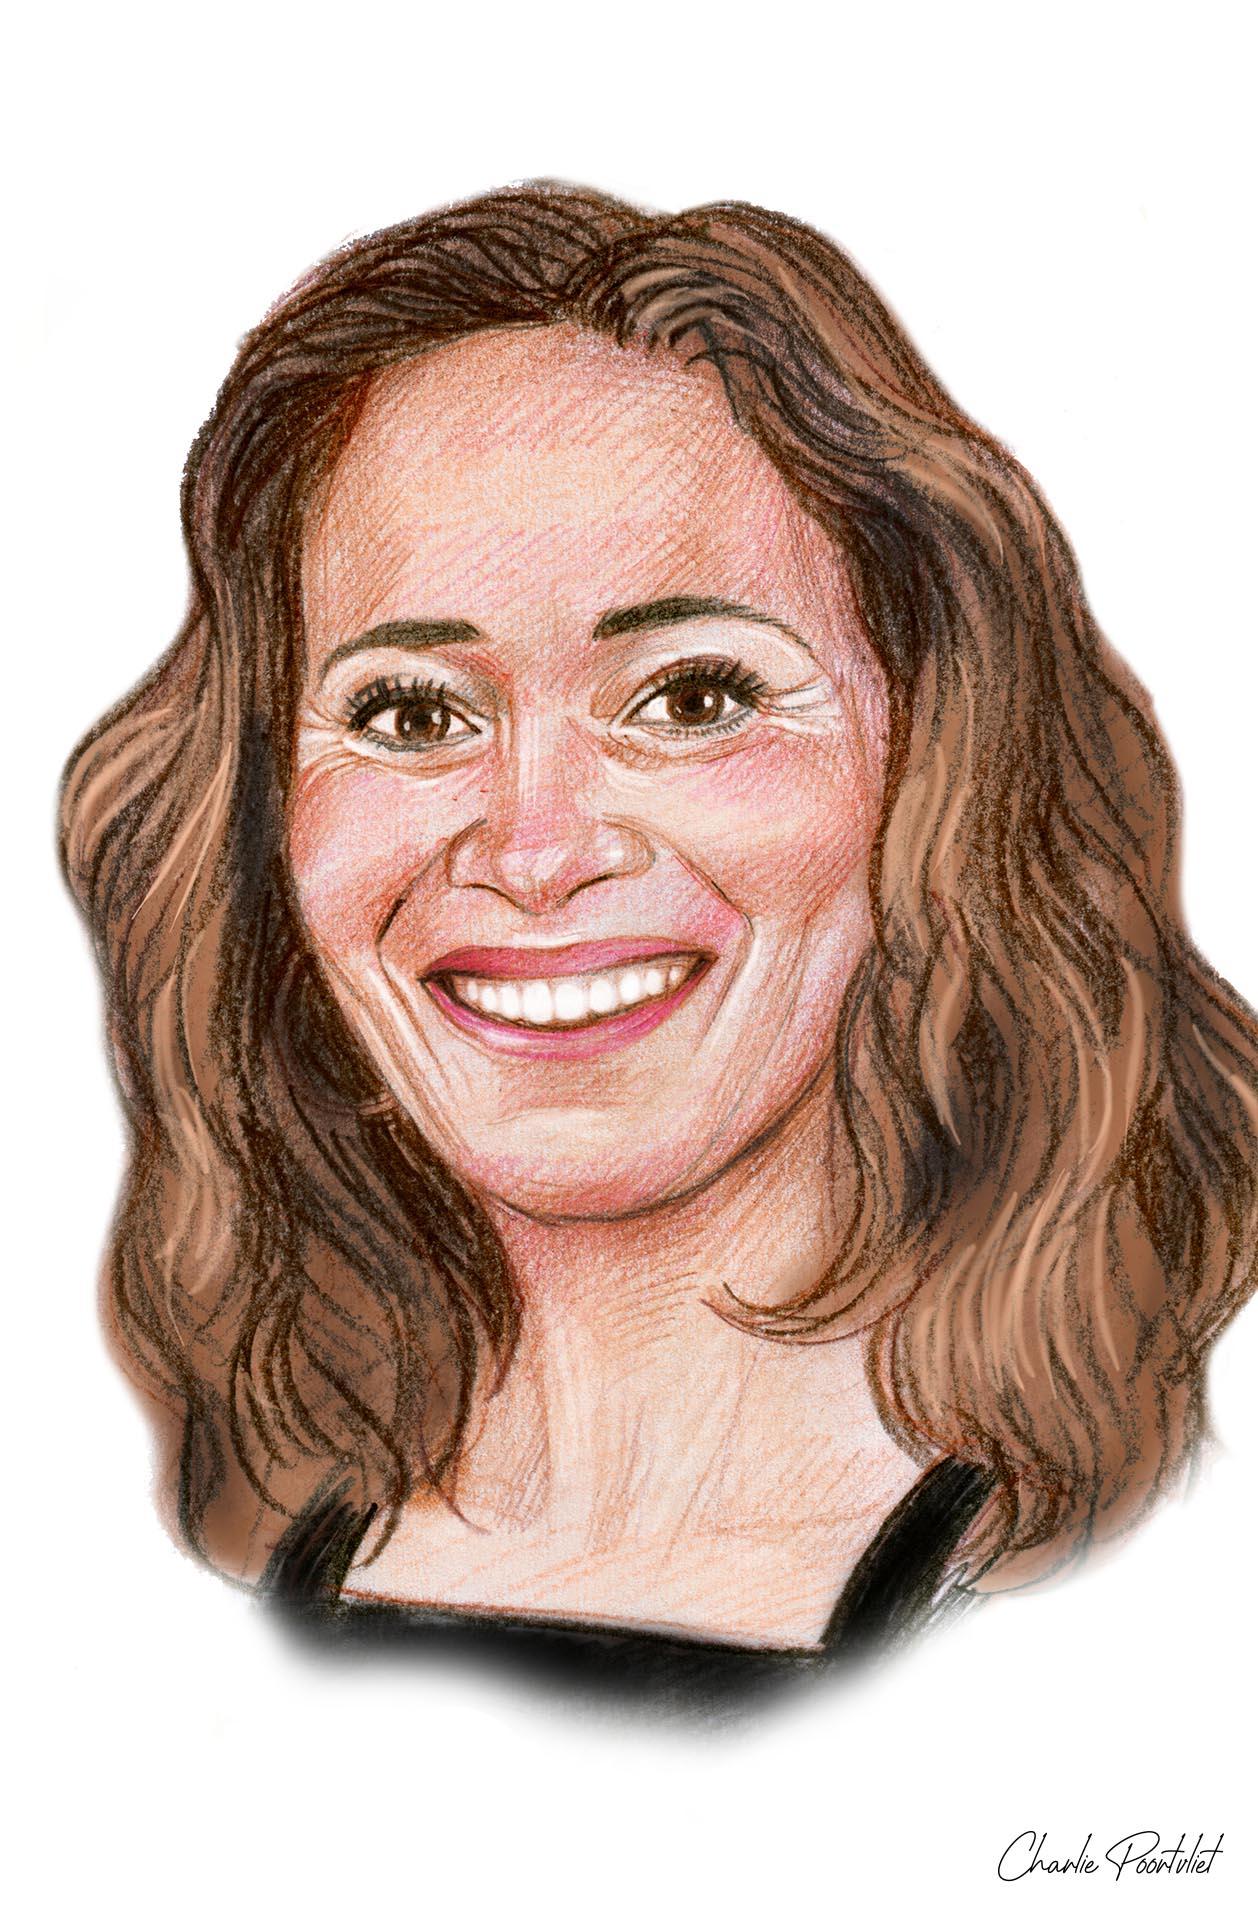 Preview portrettekening van Bibian Mentel